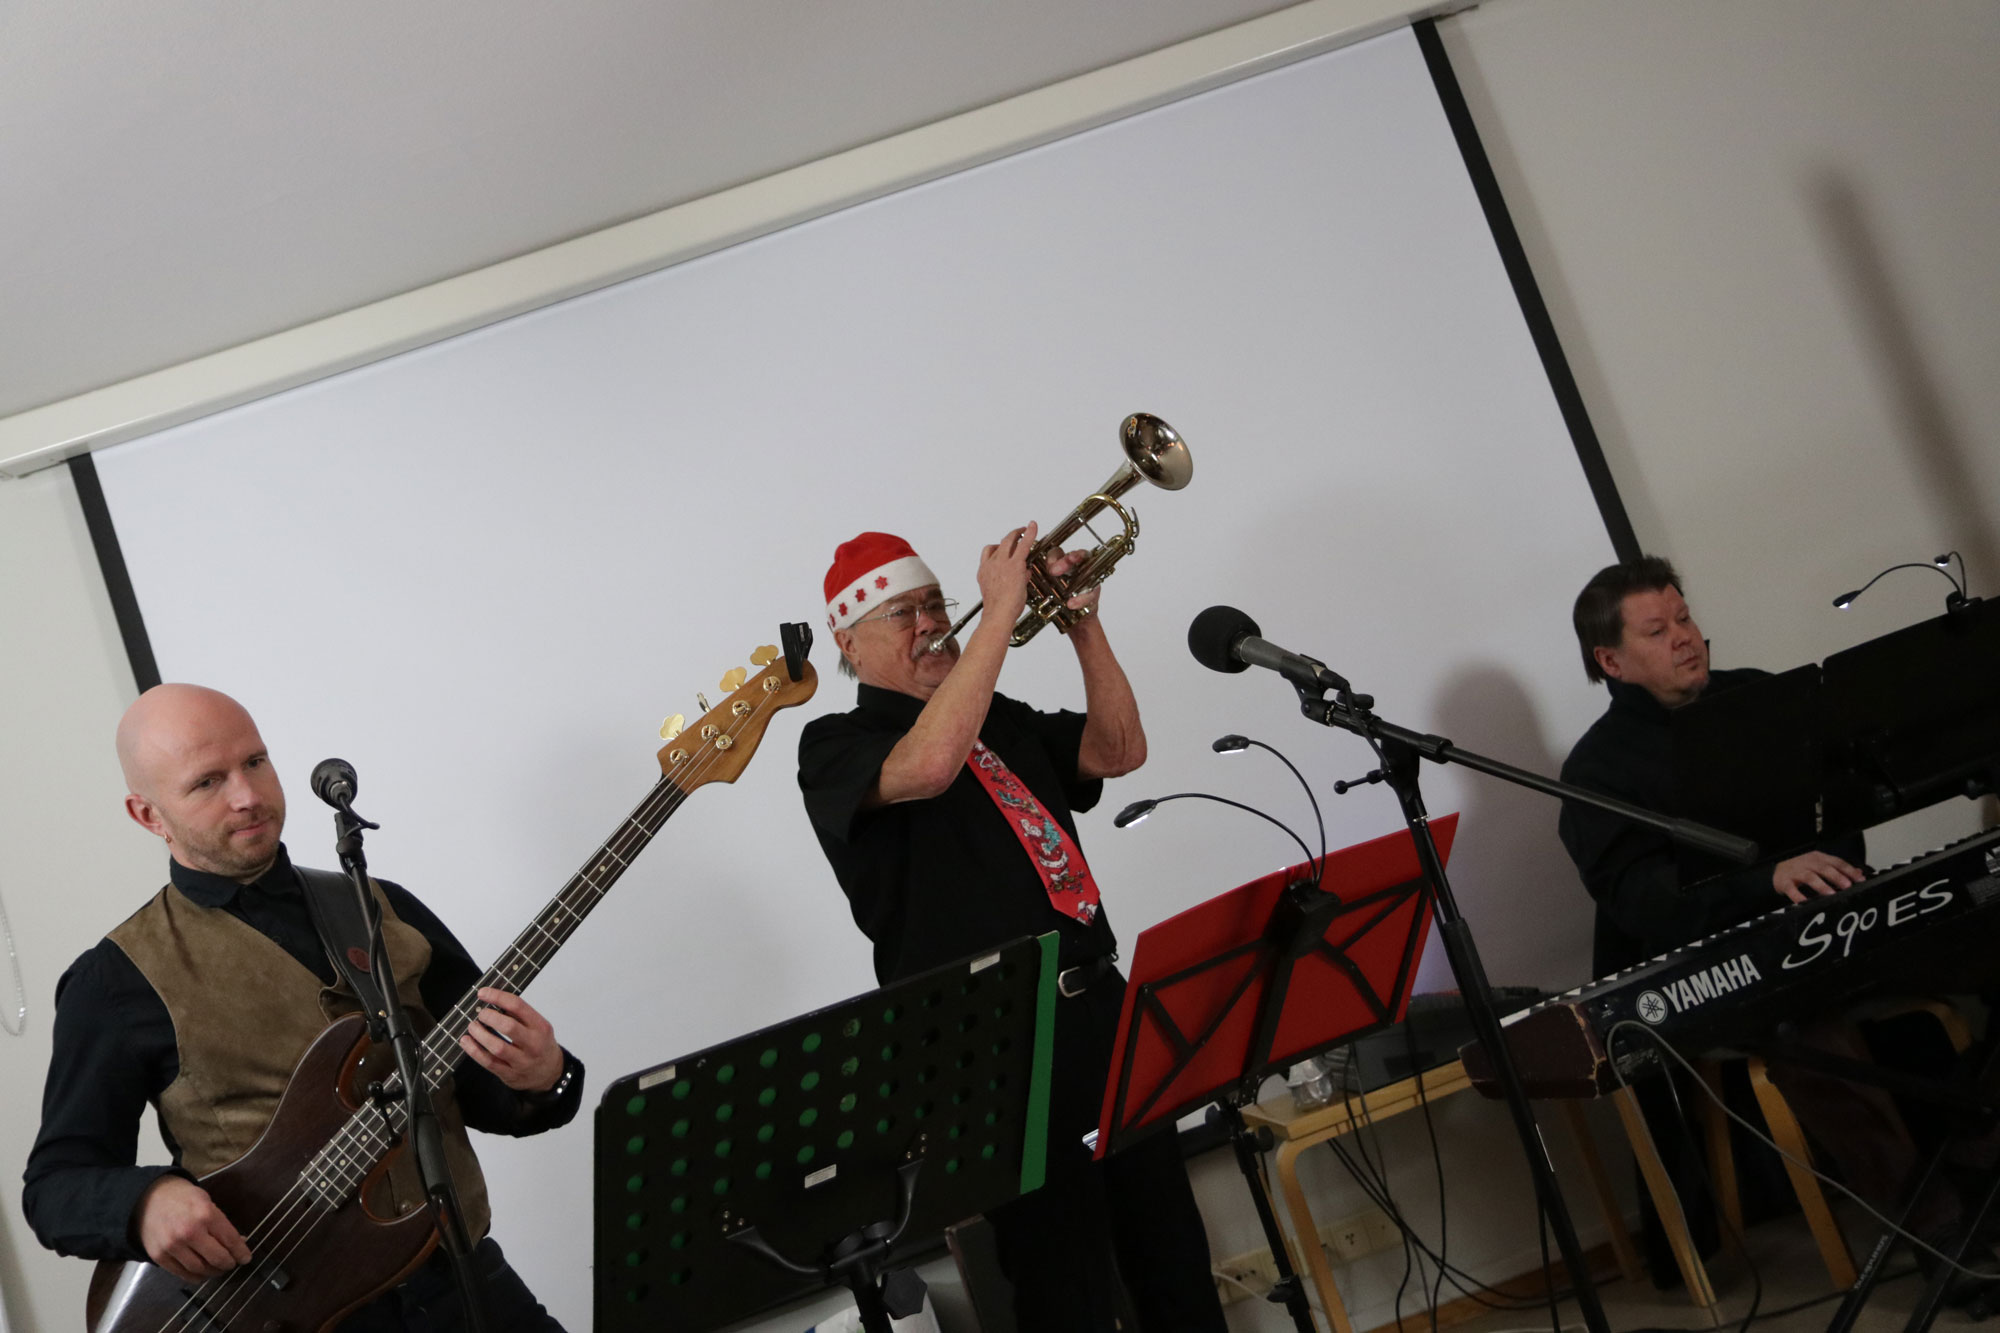 #bandRMM Marko Kuusela, Risto Pellava ja Marko Taipale. ©NATASHADESIGNFI